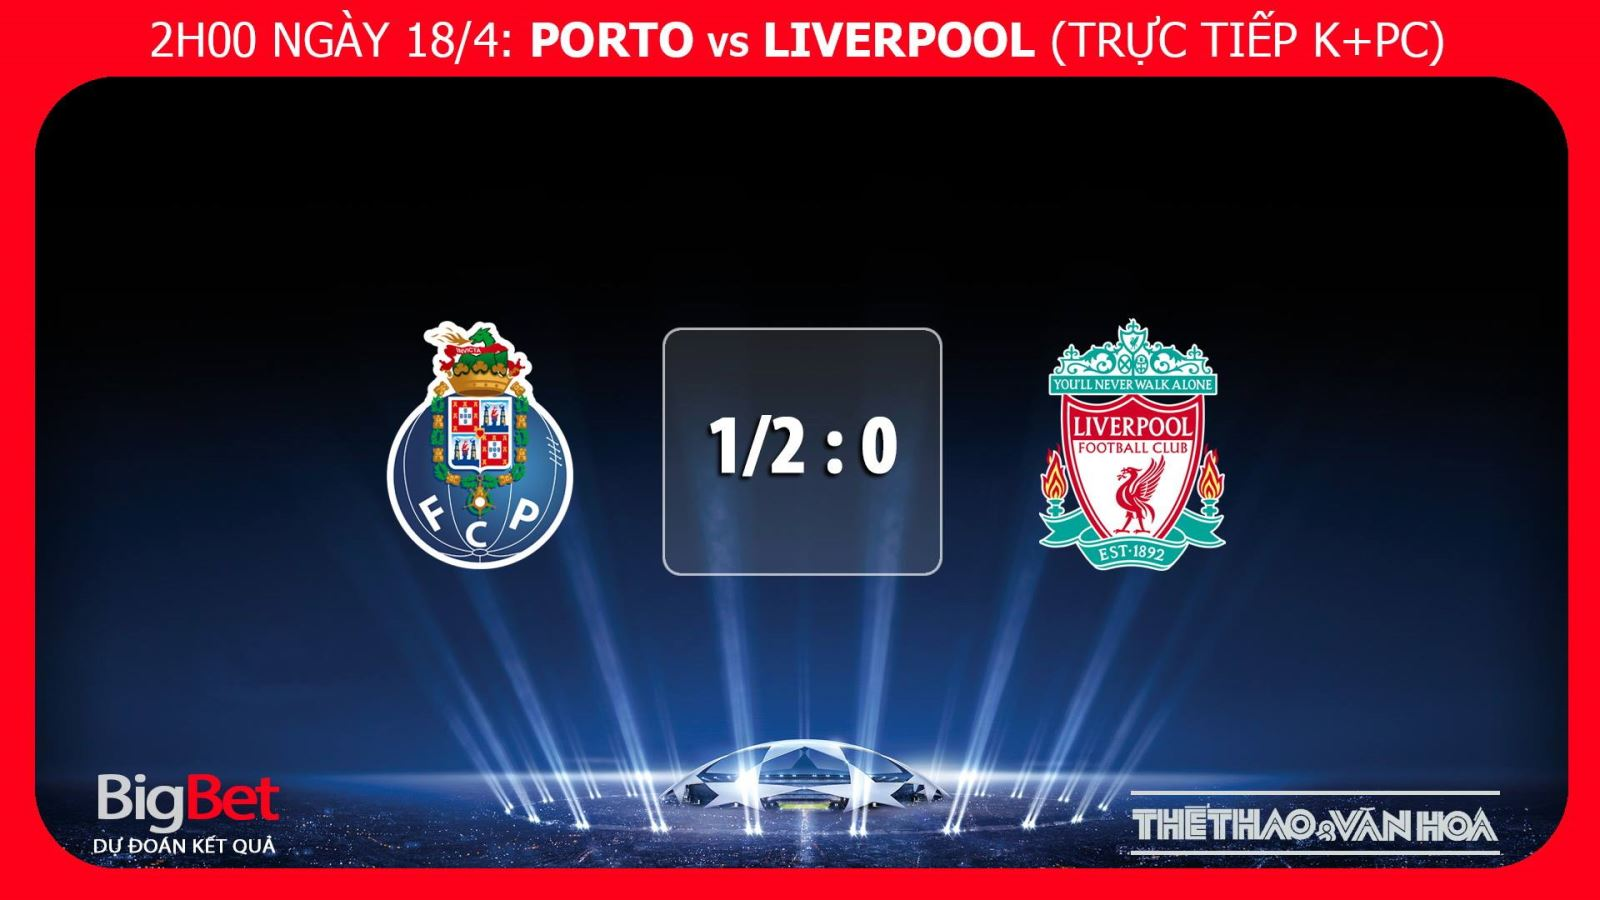 Liverpool, Porto, Porto vs Liverpool, soi kèo Porto vs Liverpool, kèo Liverpool vs Porto, kèo Liverpool, kèo Porto, trực tiếp Porto vs Liverpool, trực tiếp cúp C1, tỷ lệ